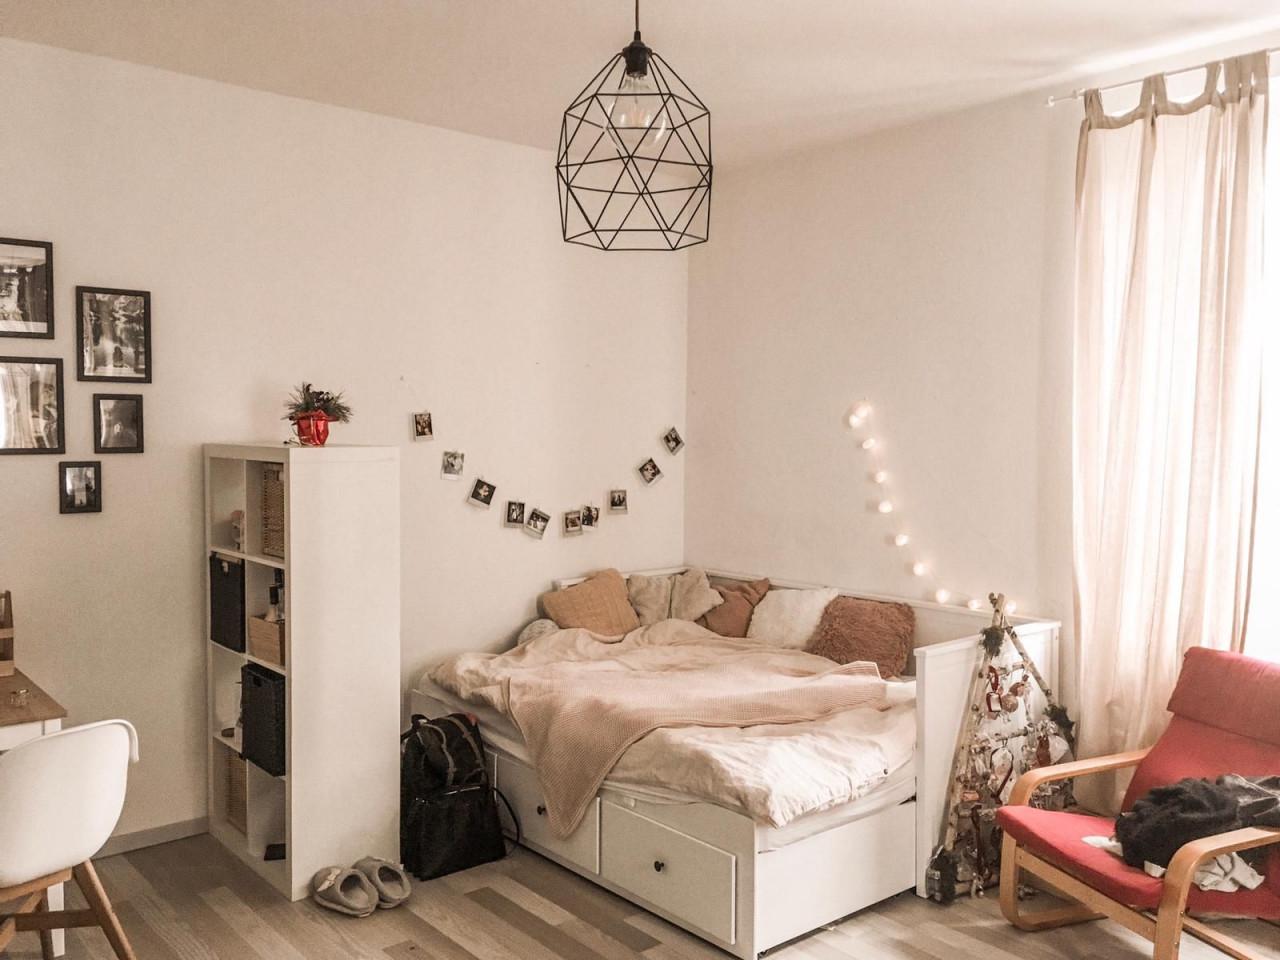 Gemütliche Schlafecke  Zimmer Einrichten Zimmer Einrichten von Schlafecke Im Wohnzimmer Einrichten Photo